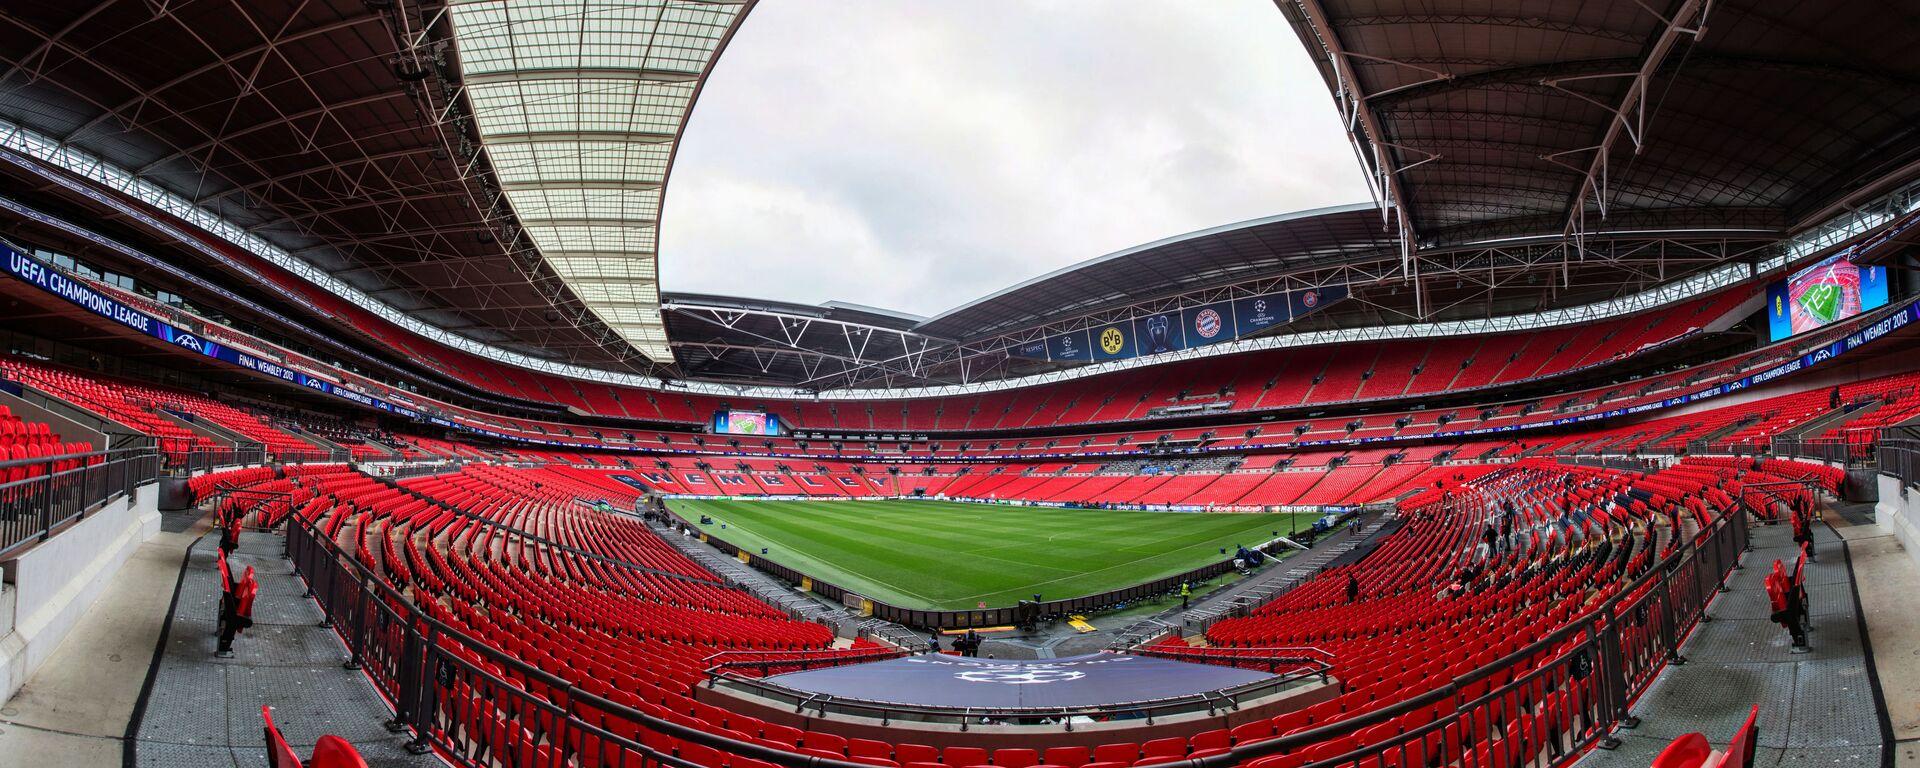 Londoner Wembley-Stadion - SNA, 1920, 29.06.2021